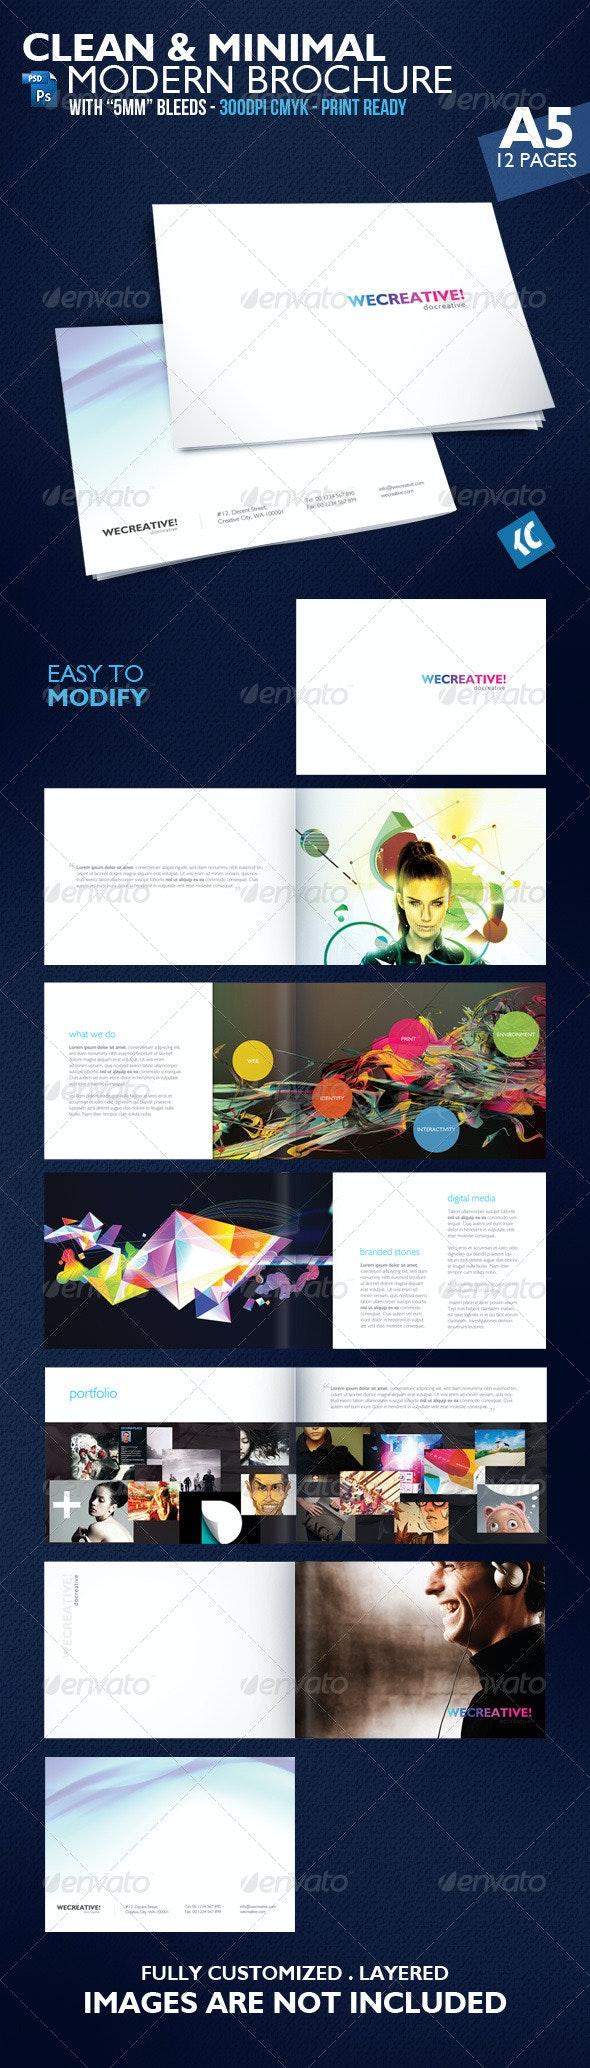 Clean & Minimal Modern Brochure - Corporate Brochures